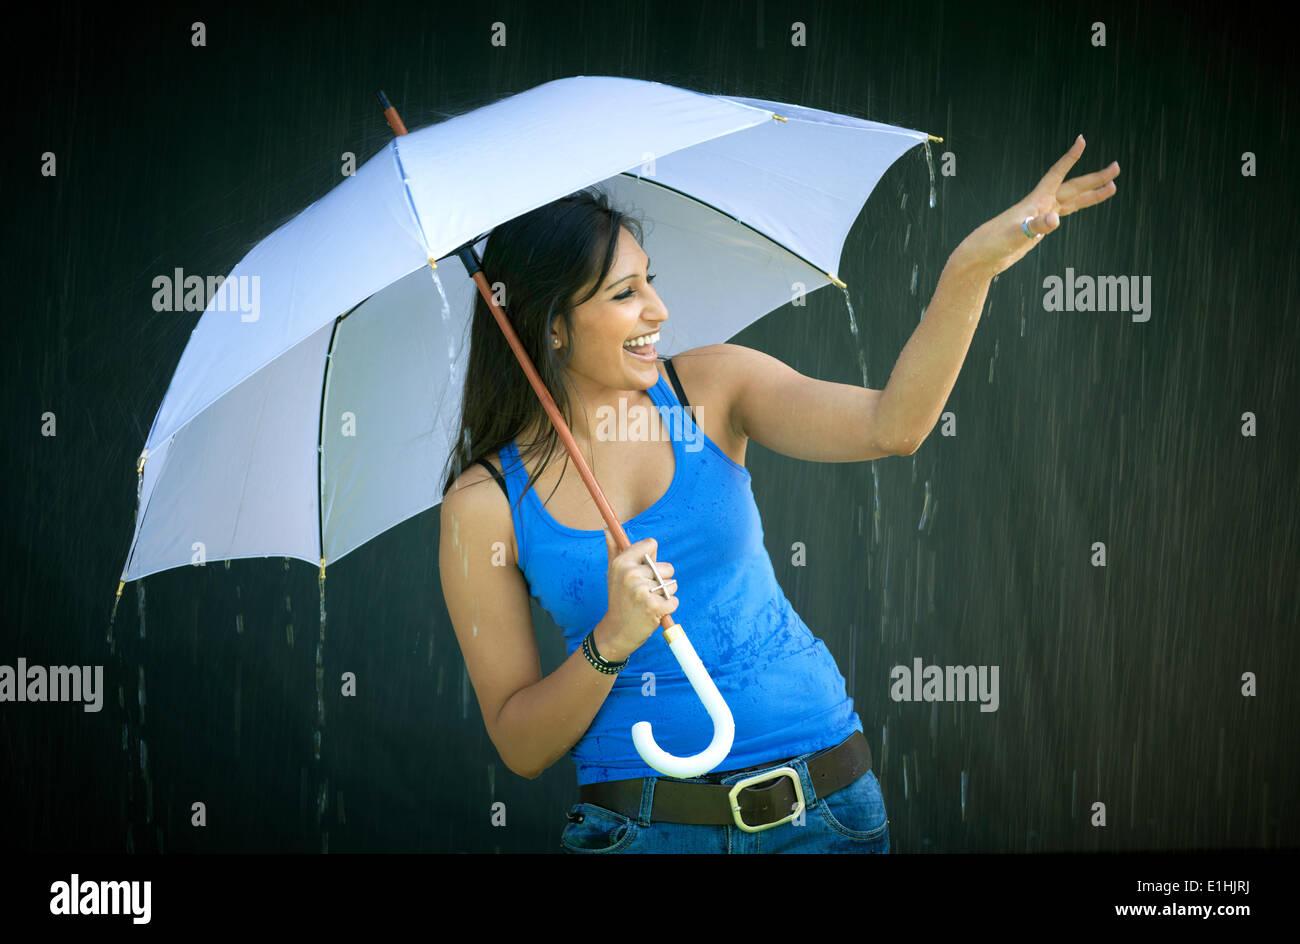 Lächelnde junge Frau hält einen Regenschirm, genießen den Regen Stockfoto